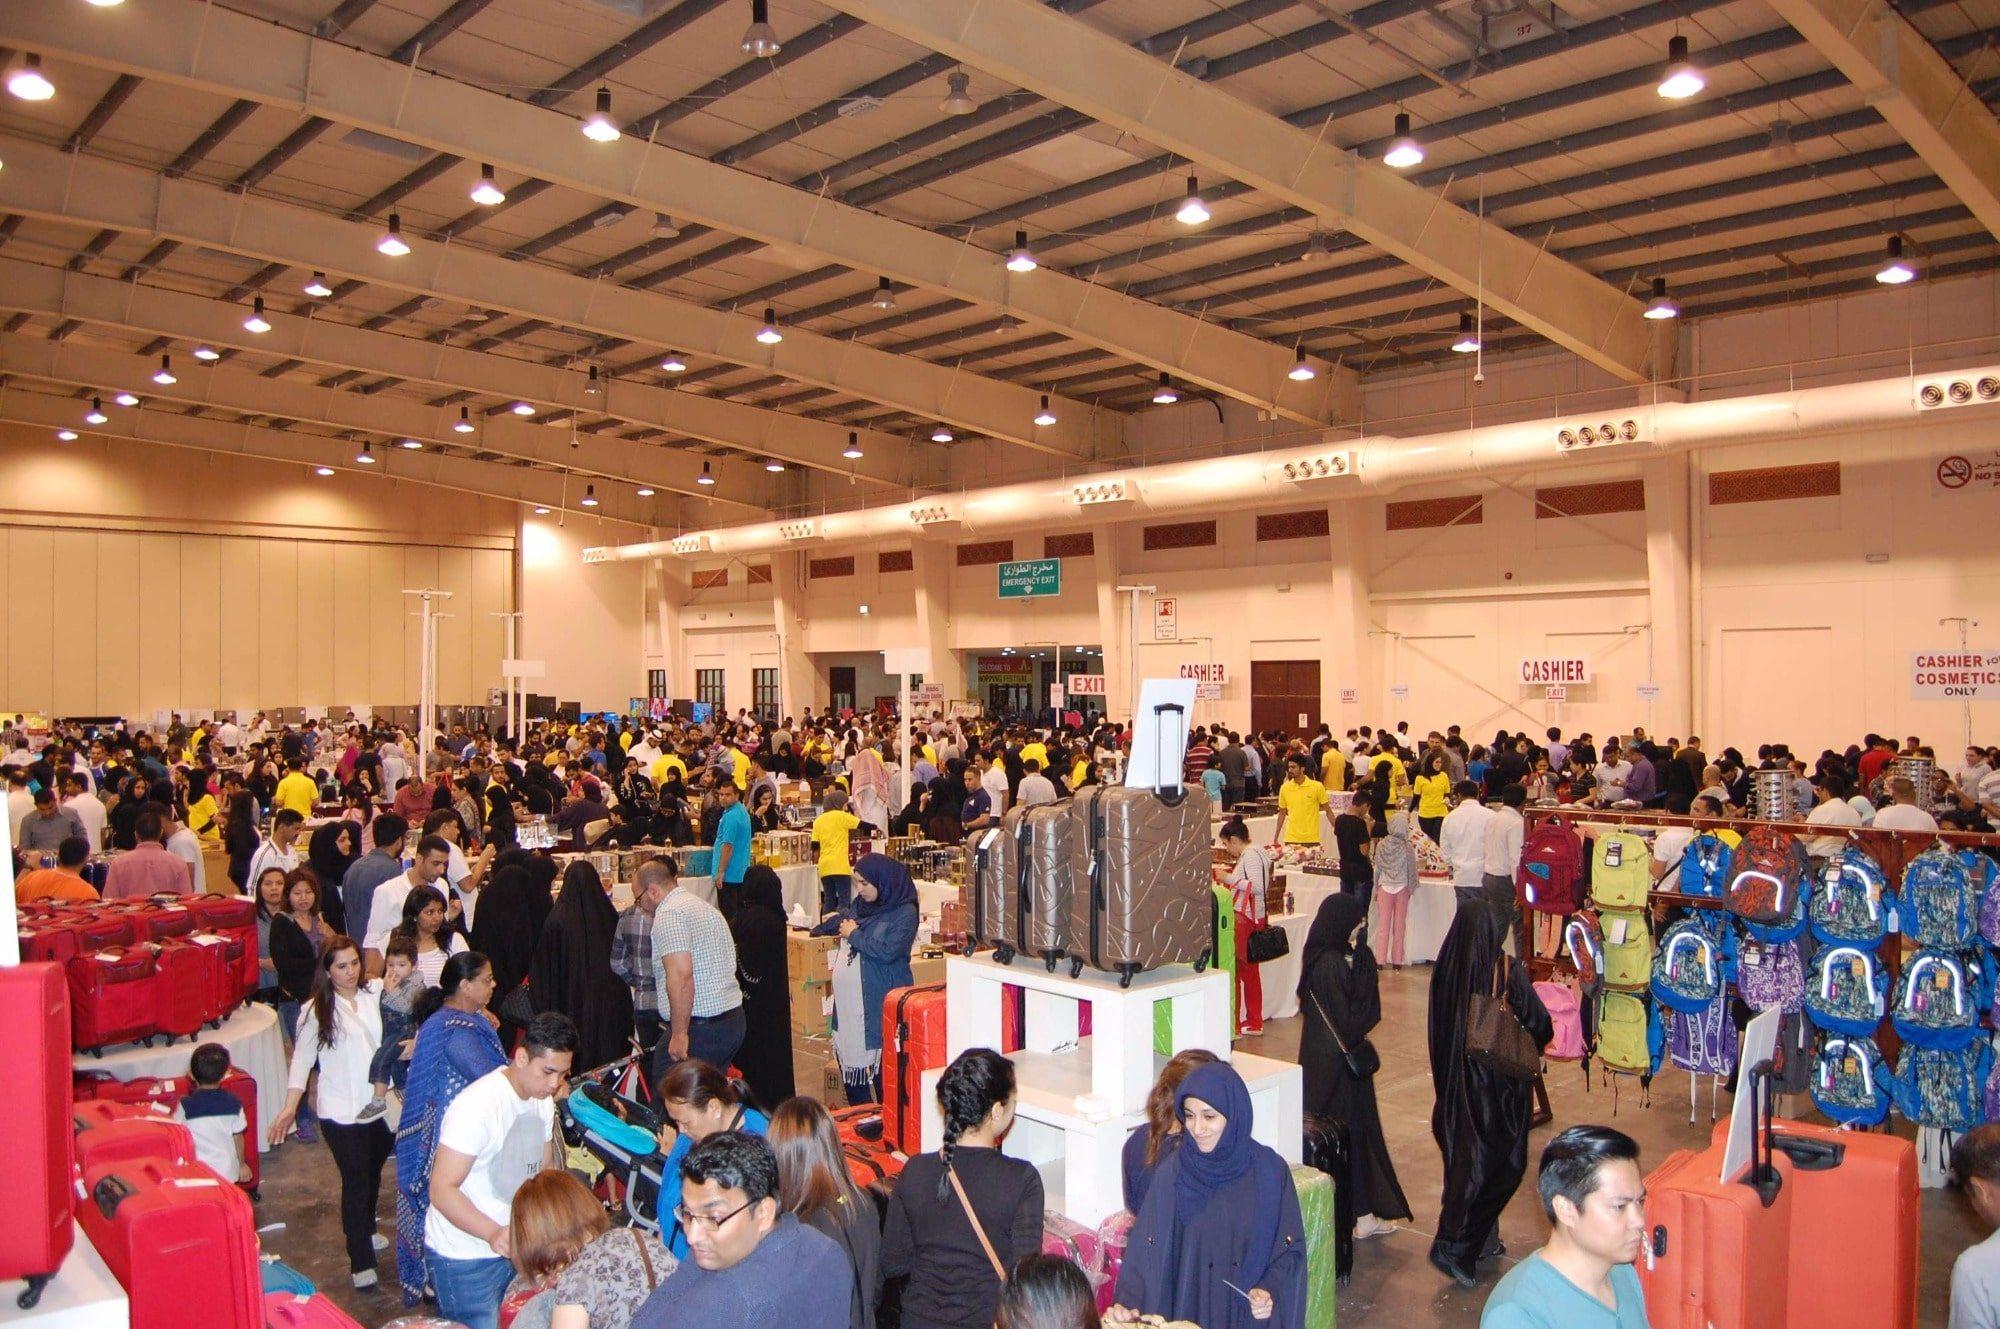 فعاليات ومعارض ترفيهية فى البحرين